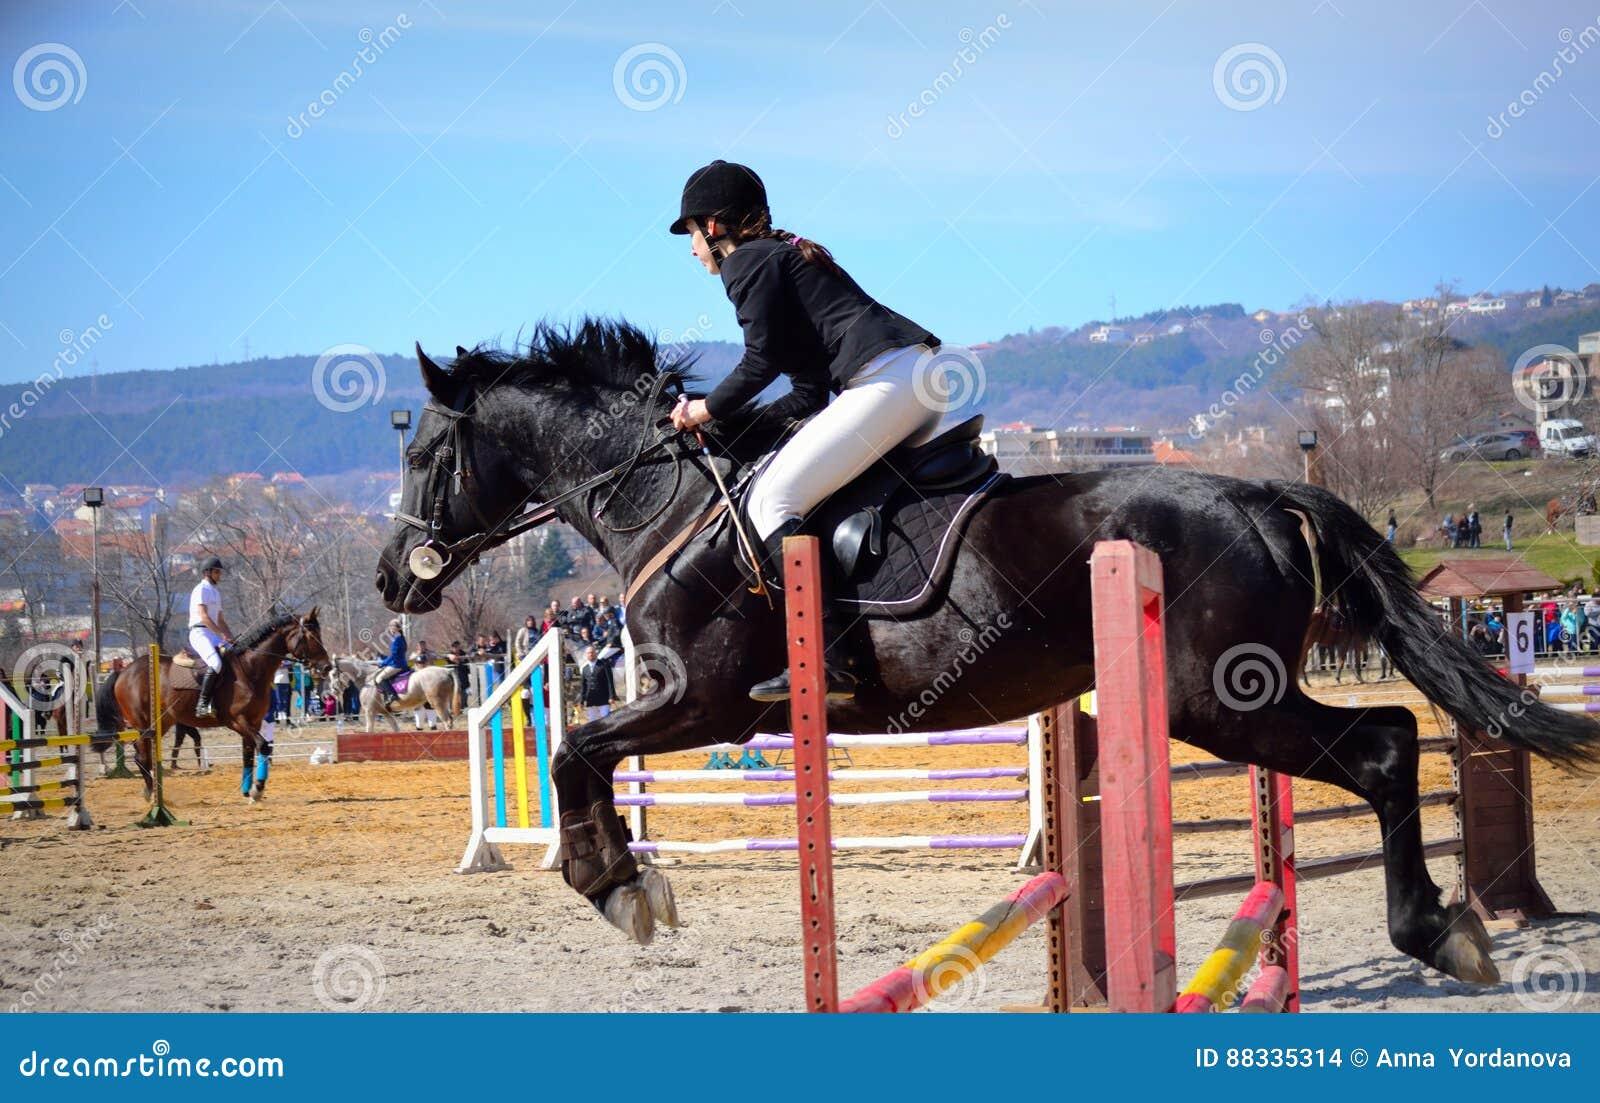 La Fille équestre Sautent Varna Bulgarie Image stock éditorial ... bfcb1e86895